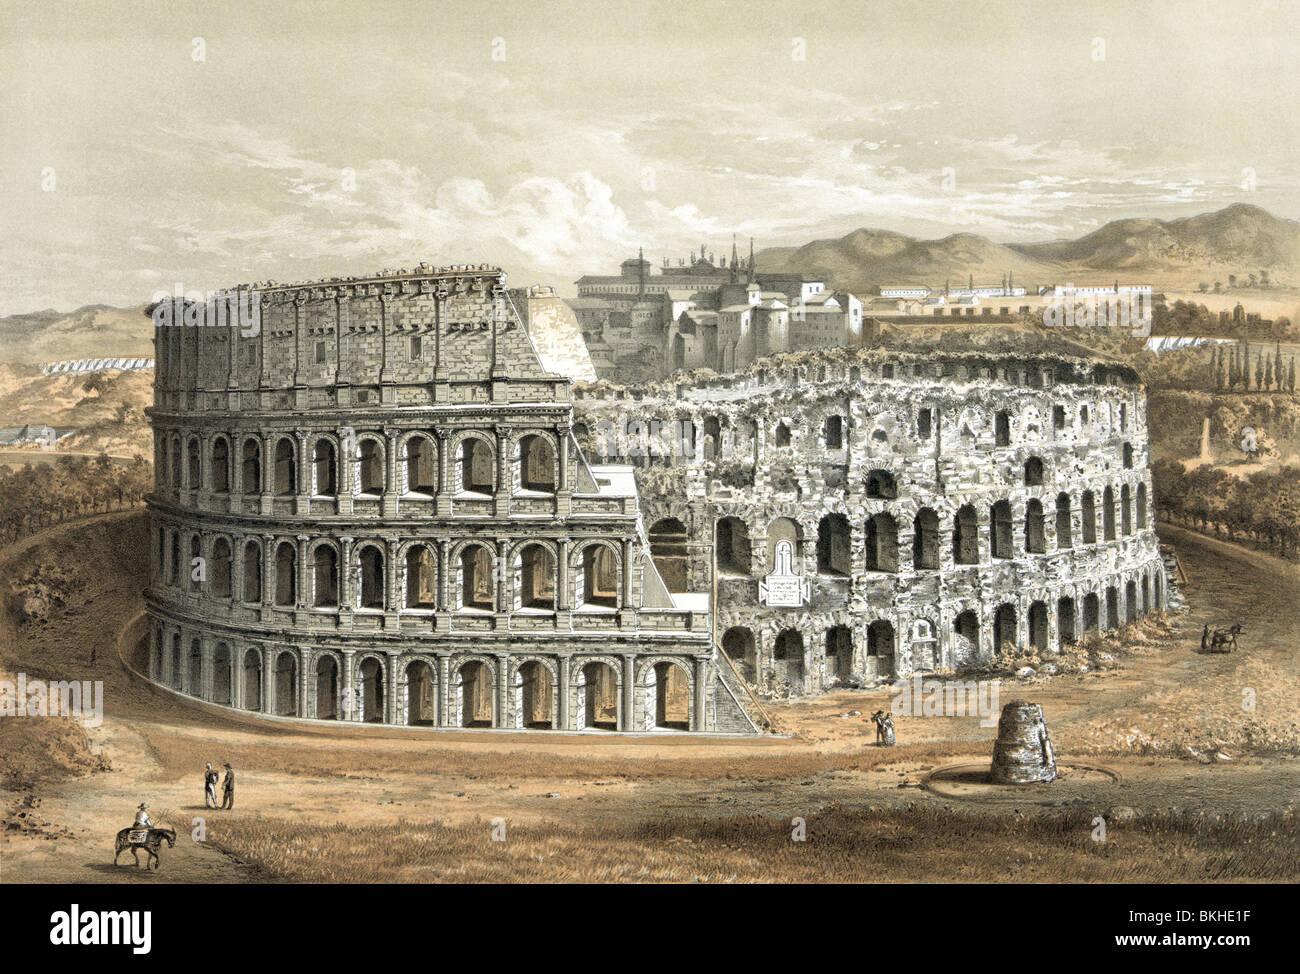 Circa 1872 Vintage lithographie du Colisée à Rome, Italie, tel qu'il apparaissait dans la dernière Photo Stock